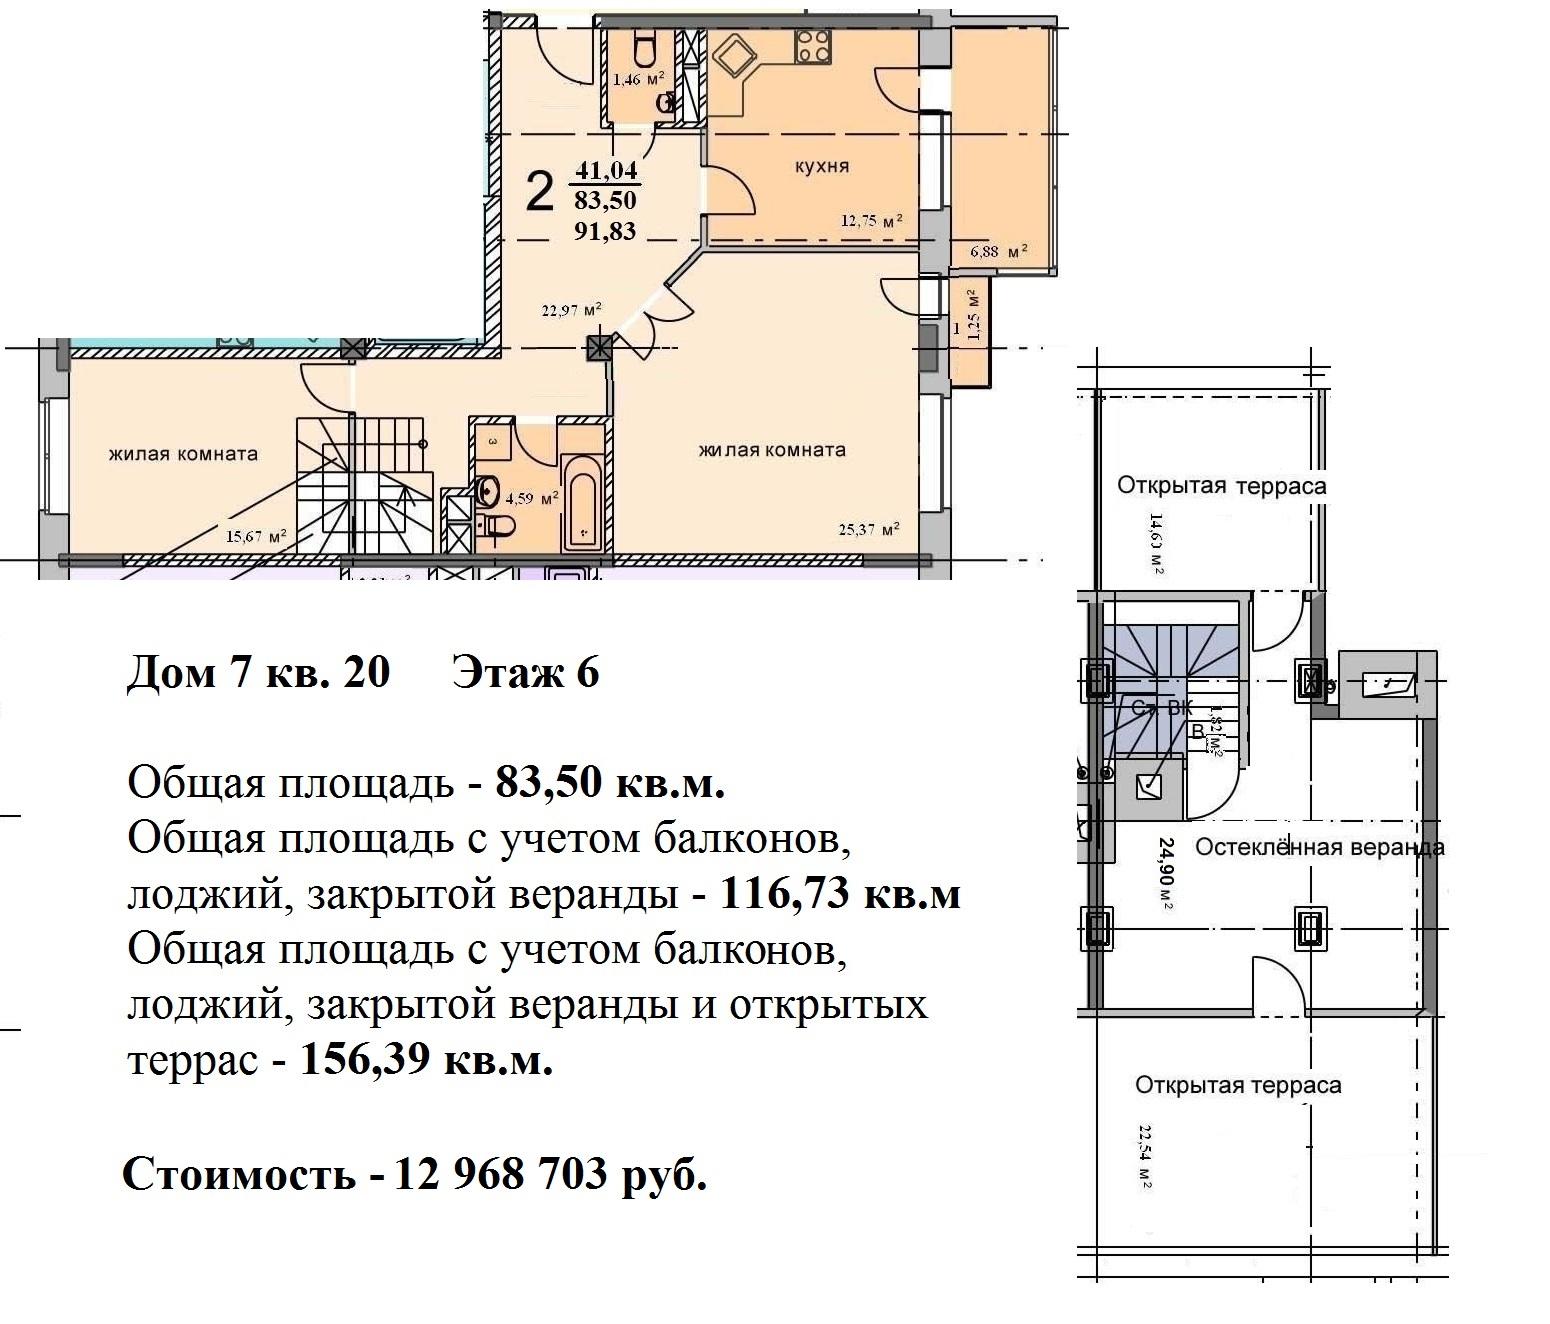 Продажа 2-комнатной квартиры 116.73 кв. м, район троицк, тро.